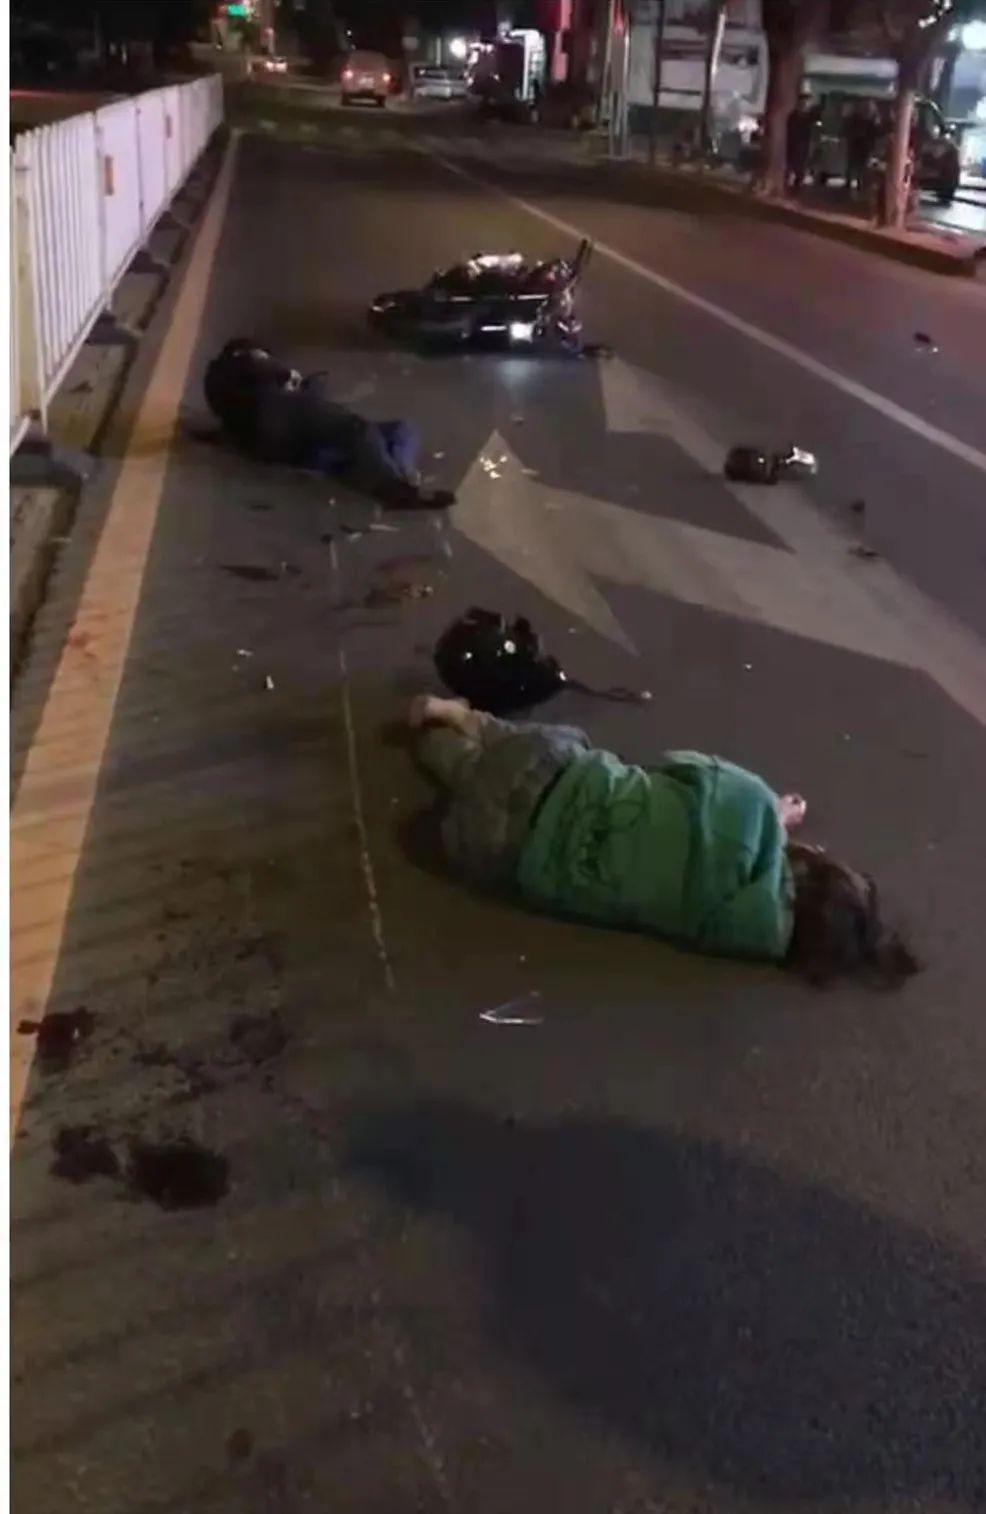 惠�一摩托�撞上�?吭诼愤�小�,一男一女�w出�凳�米,倒在地上......